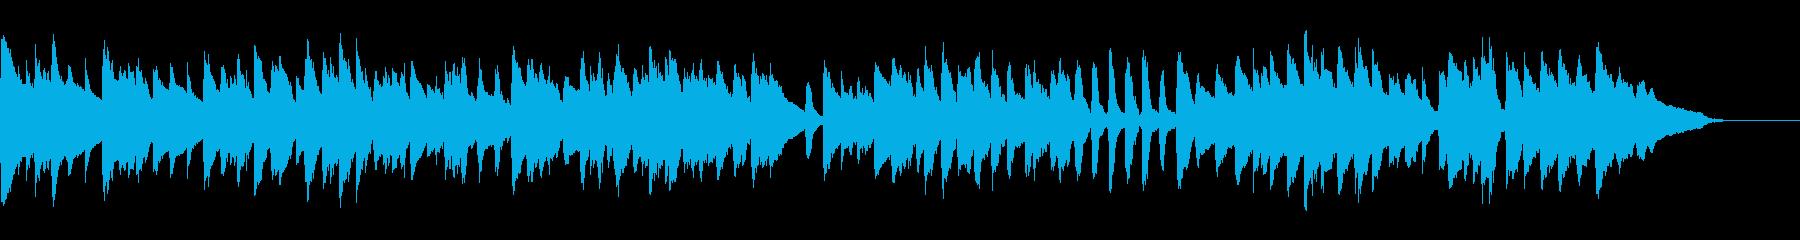 バッハの有名曲、メヌエット ト長調です。の再生済みの波形